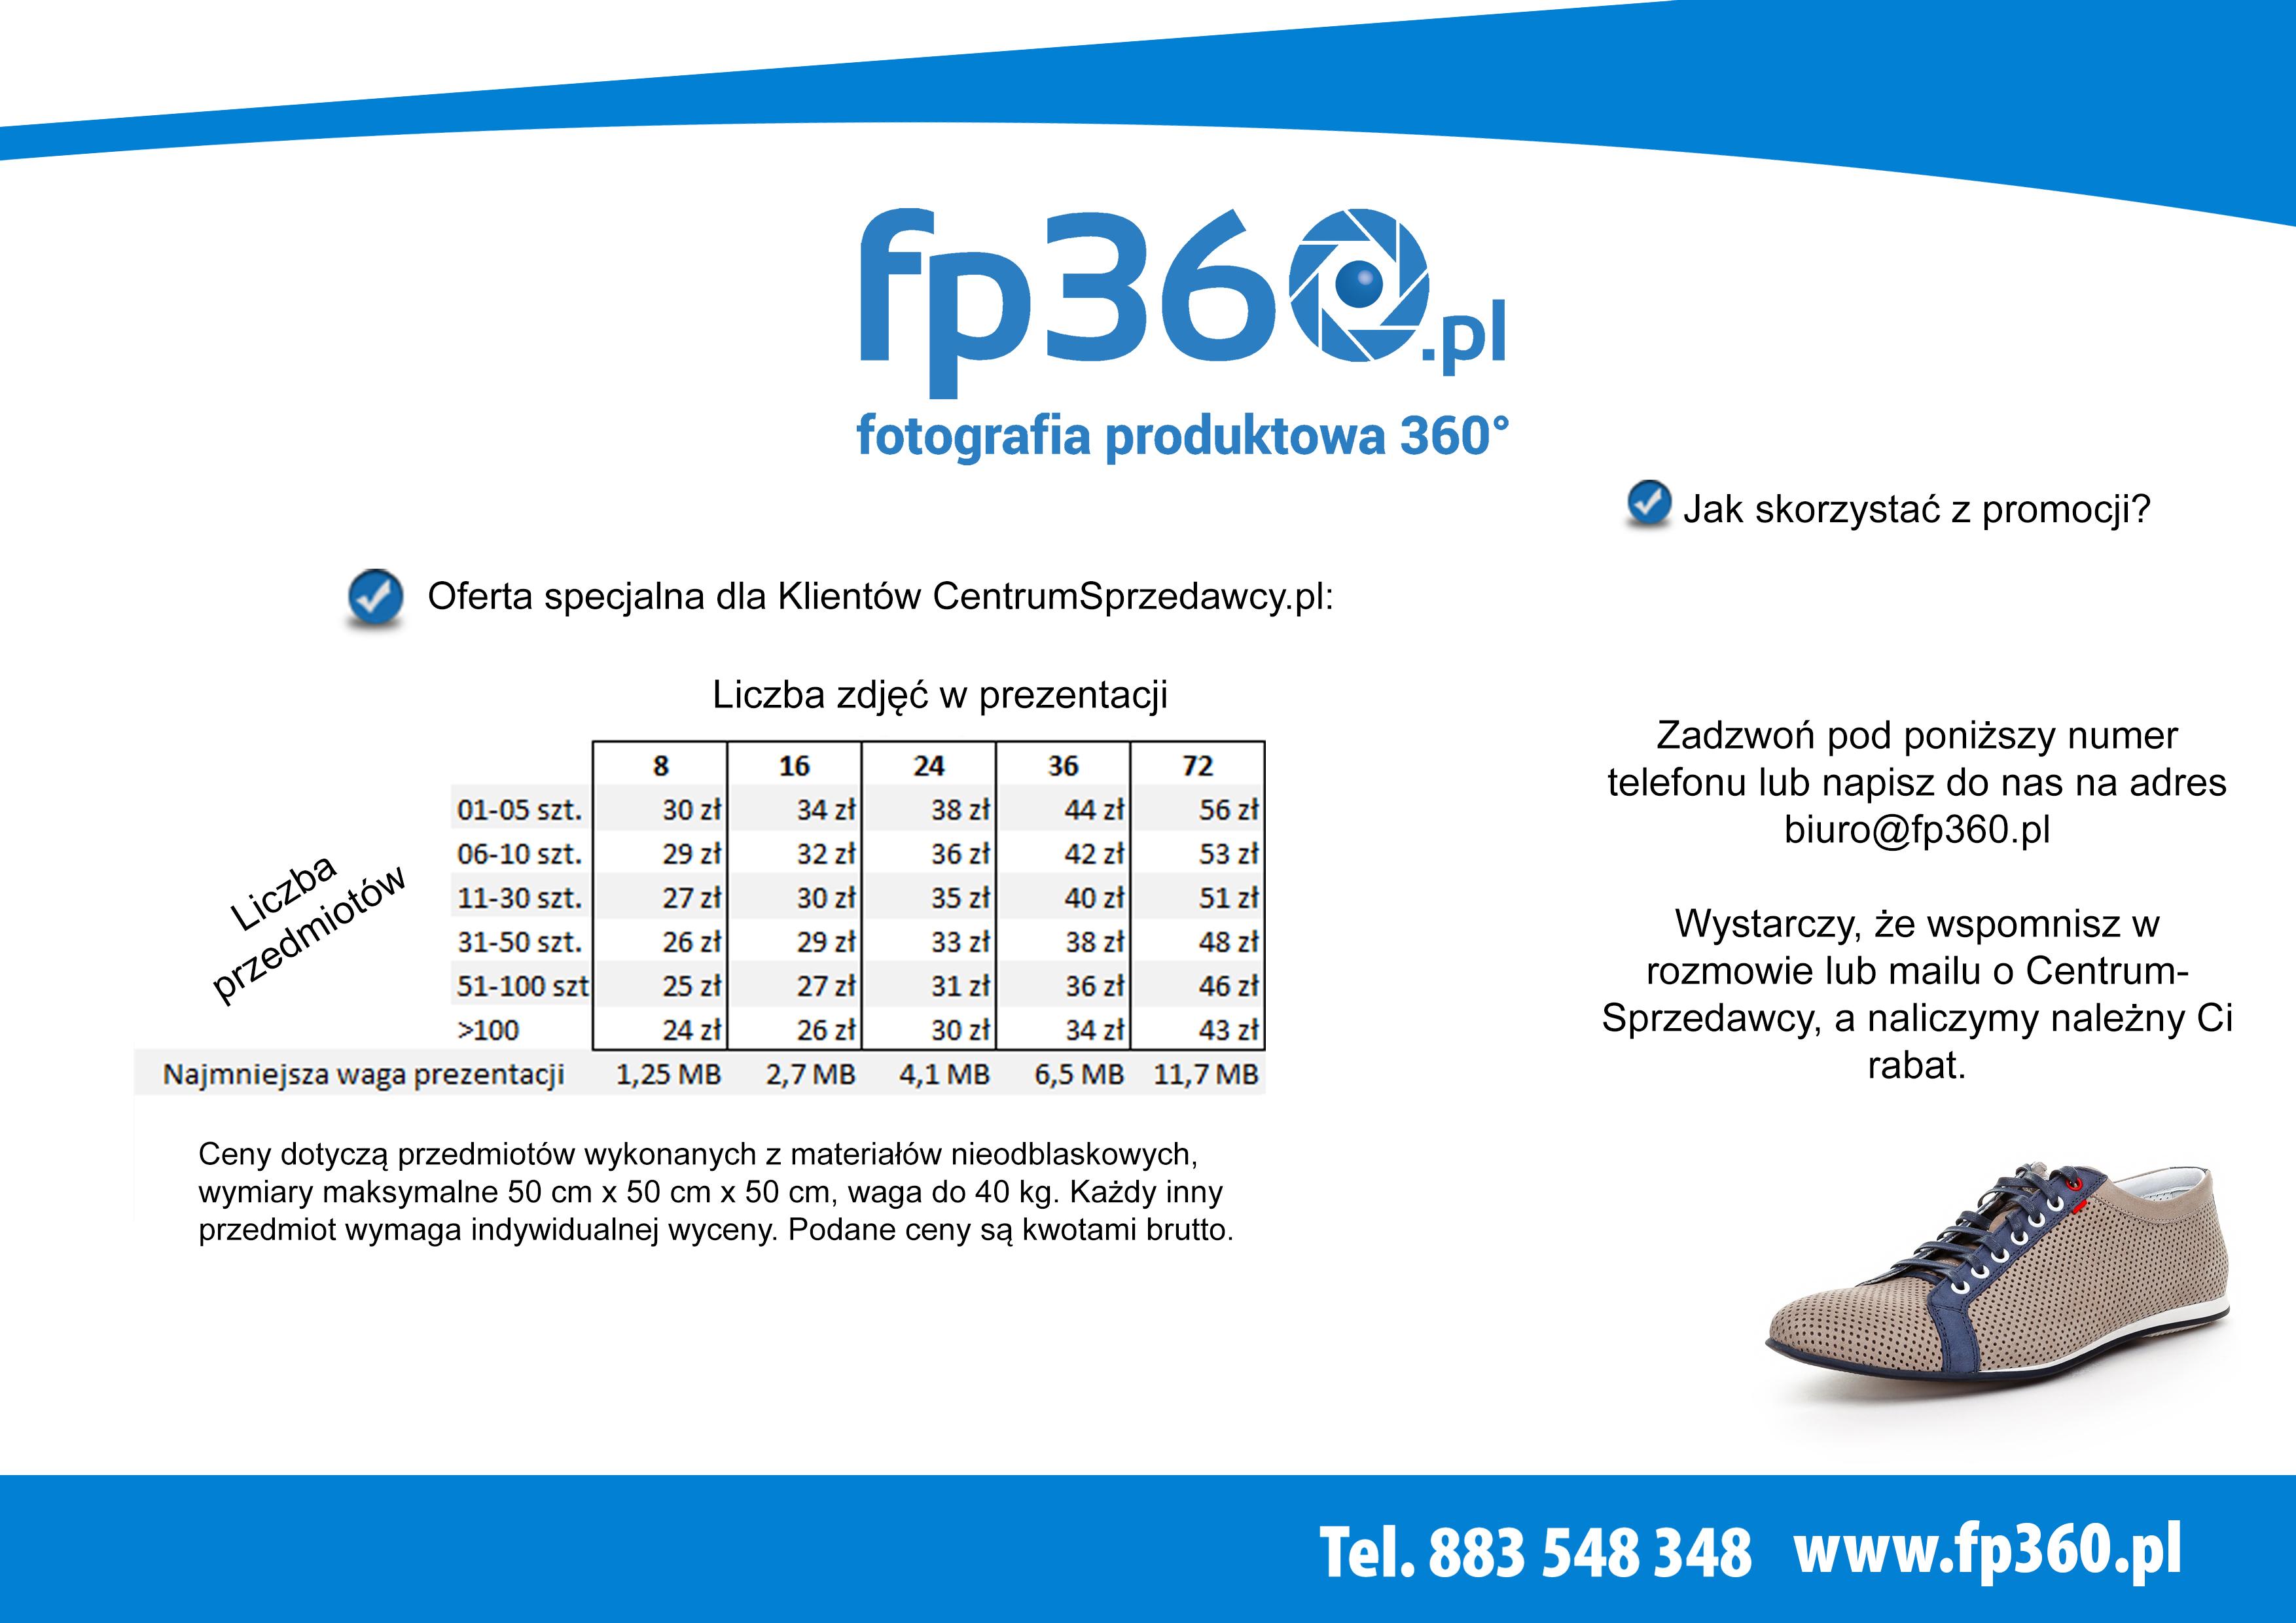 oferta_fp360-pl-dla-centrumsprzedawcy-pl